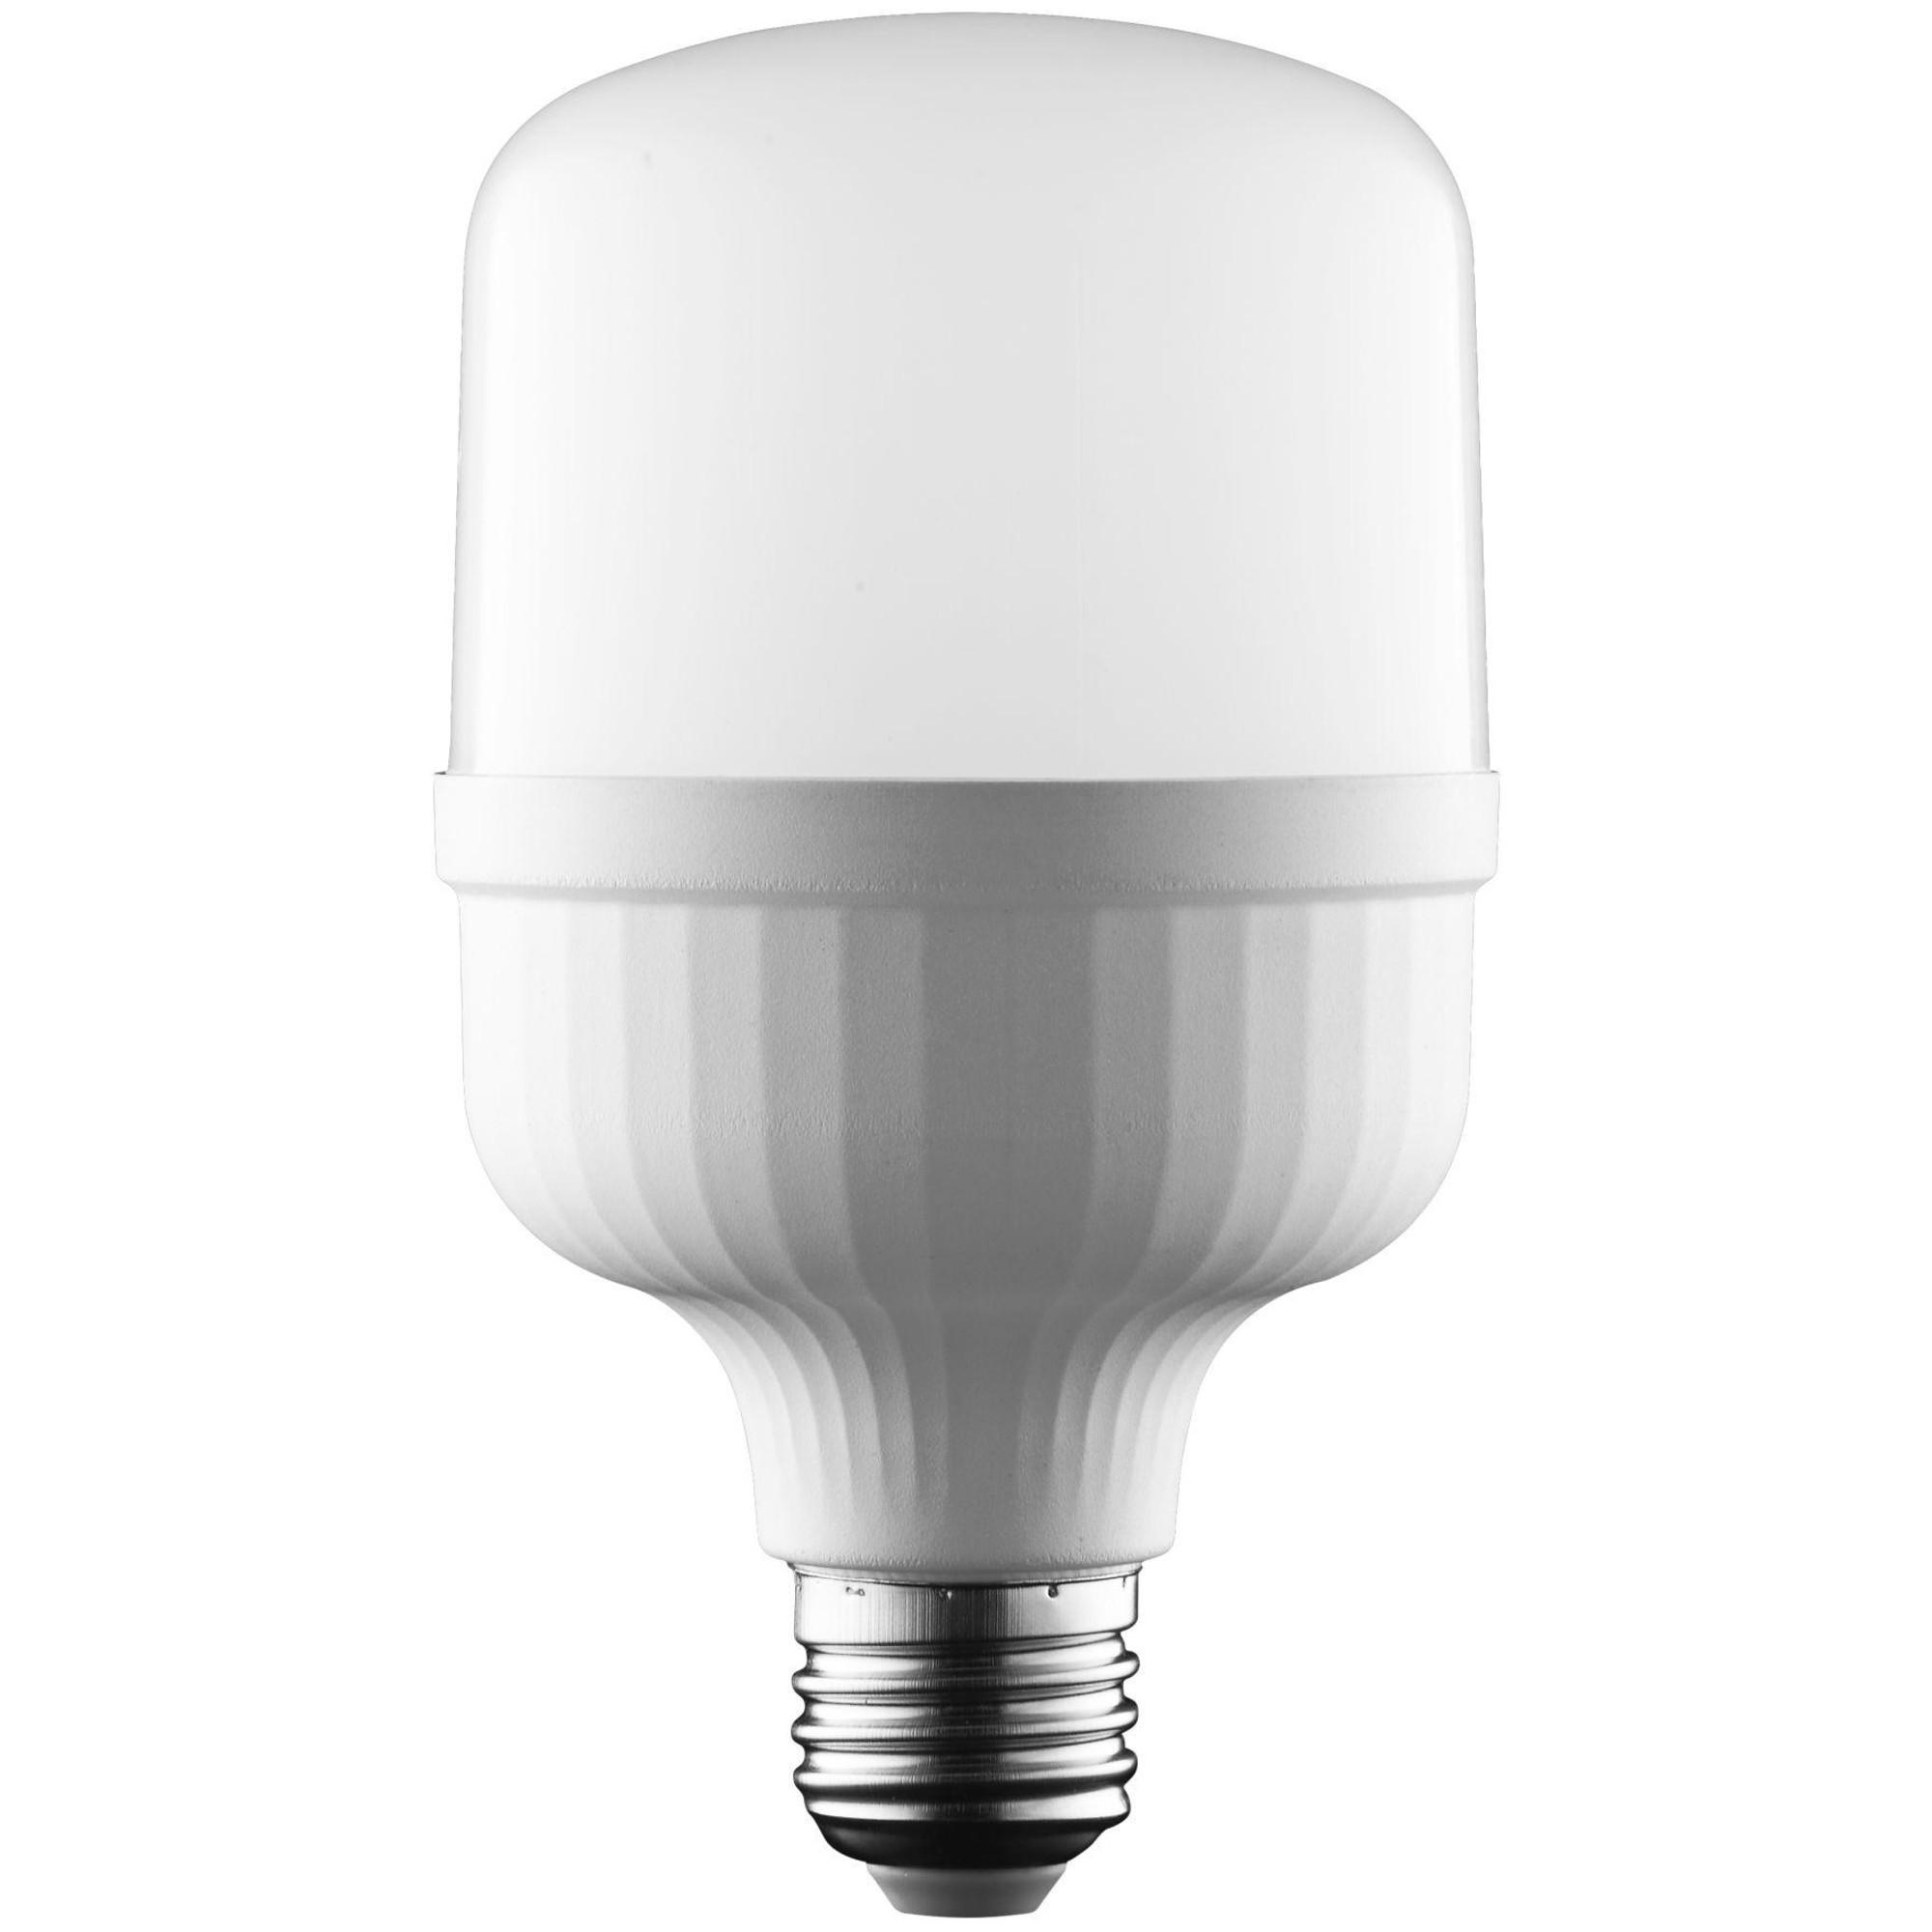 Лампа Ecola Premium светодионая E27 50 Вт 4500 Лм холодный свет